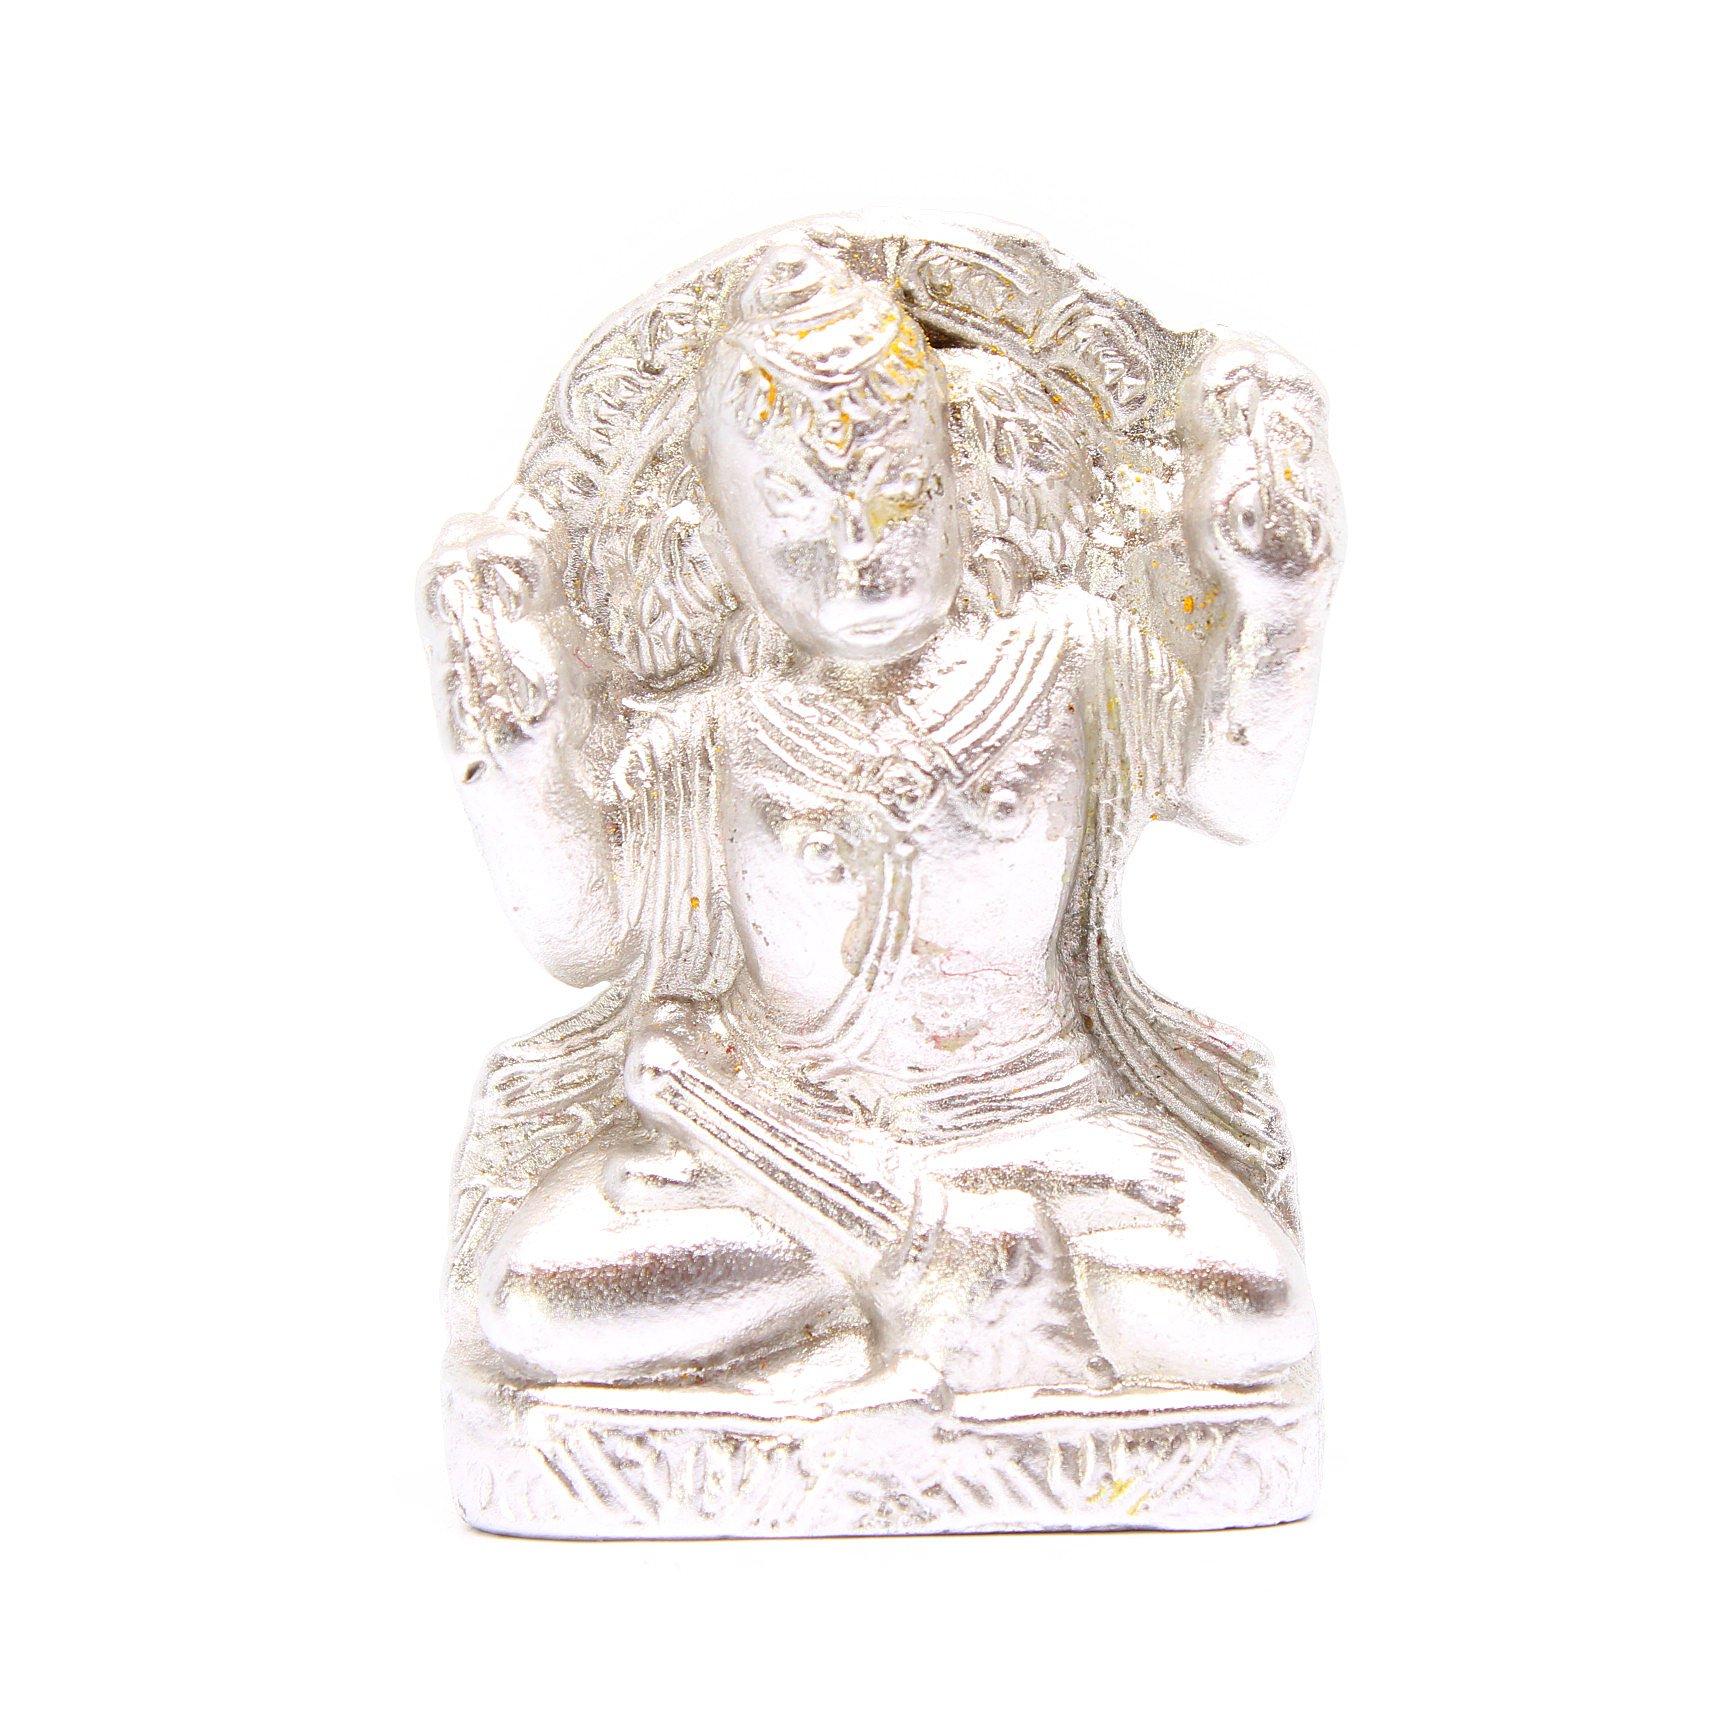 パラド・ハヌマーン神像(受注発注品)